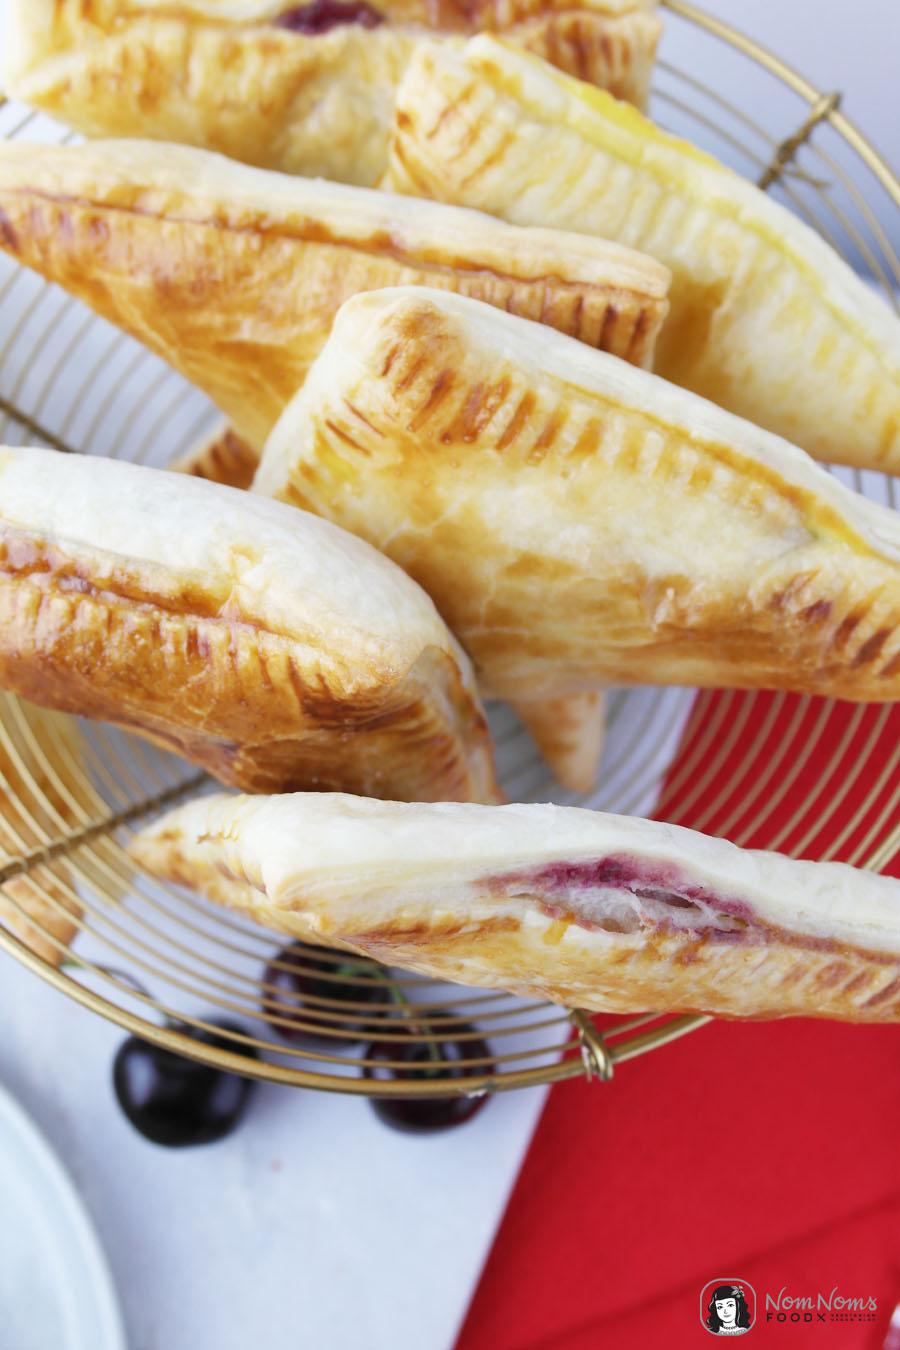 Süße Blätterteigtaschen mit Kirsch-Käsekuchen-Füllung